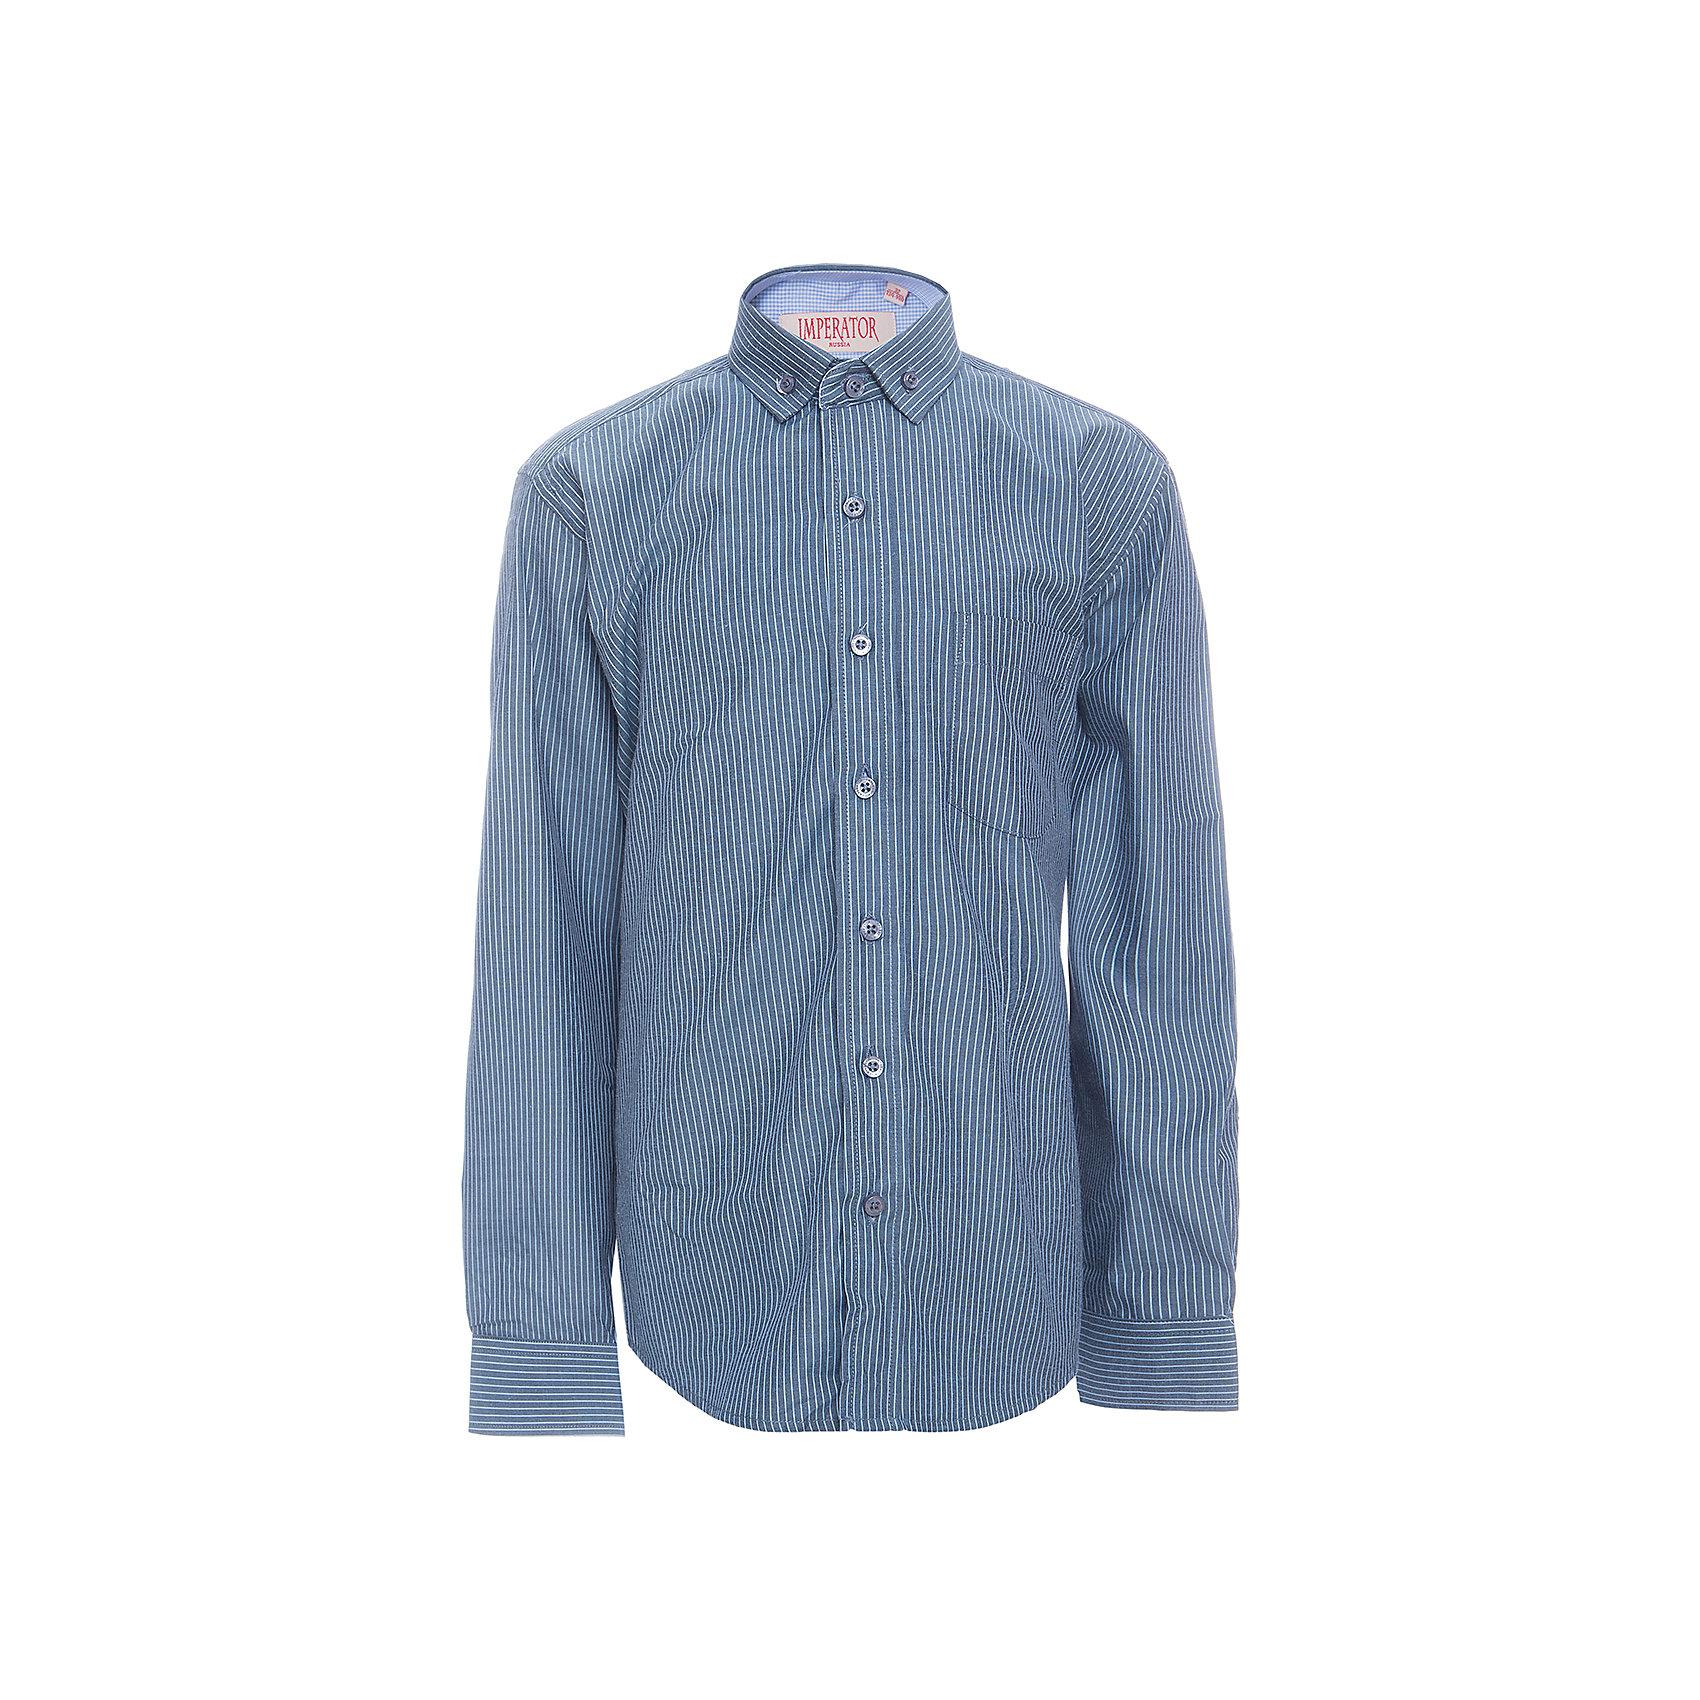 Рубашка для мальчика ImperatorБлузки и рубашки<br>Характеристики товара:<br><br>• цвет: синий<br>• состав ткани: 65% хлопок, 35% полиэстер<br>• особенности: школьная, праздничная<br>• застежка: пуговицы<br>• рукава: длинные<br>• сезон: круглый год<br>• страна бренда: Российская Федерация<br>• страна изготовитель: Китай<br><br>Стильная классическая сорочка для мальчика - отличный вариант практичной и стильной школьной одежды.<br><br>Накладной карман, свободный покрой, дышащая ткань с преобладанием хлопка - красиво и удобно.<br><br>Рубашку для мальчика Imperator (Император) можно купить в нашем интернет-магазине.<br><br>Ширина мм: 174<br>Глубина мм: 10<br>Высота мм: 169<br>Вес г: 157<br>Цвет: синий<br>Возраст от месяцев: 72<br>Возраст до месяцев: 84<br>Пол: Мужской<br>Возраст: Детский<br>Размер: 122/128,164/170,128/134,134/140,140/146,146/152,146/152,152/158,152/158,158/164<br>SKU: 6860820